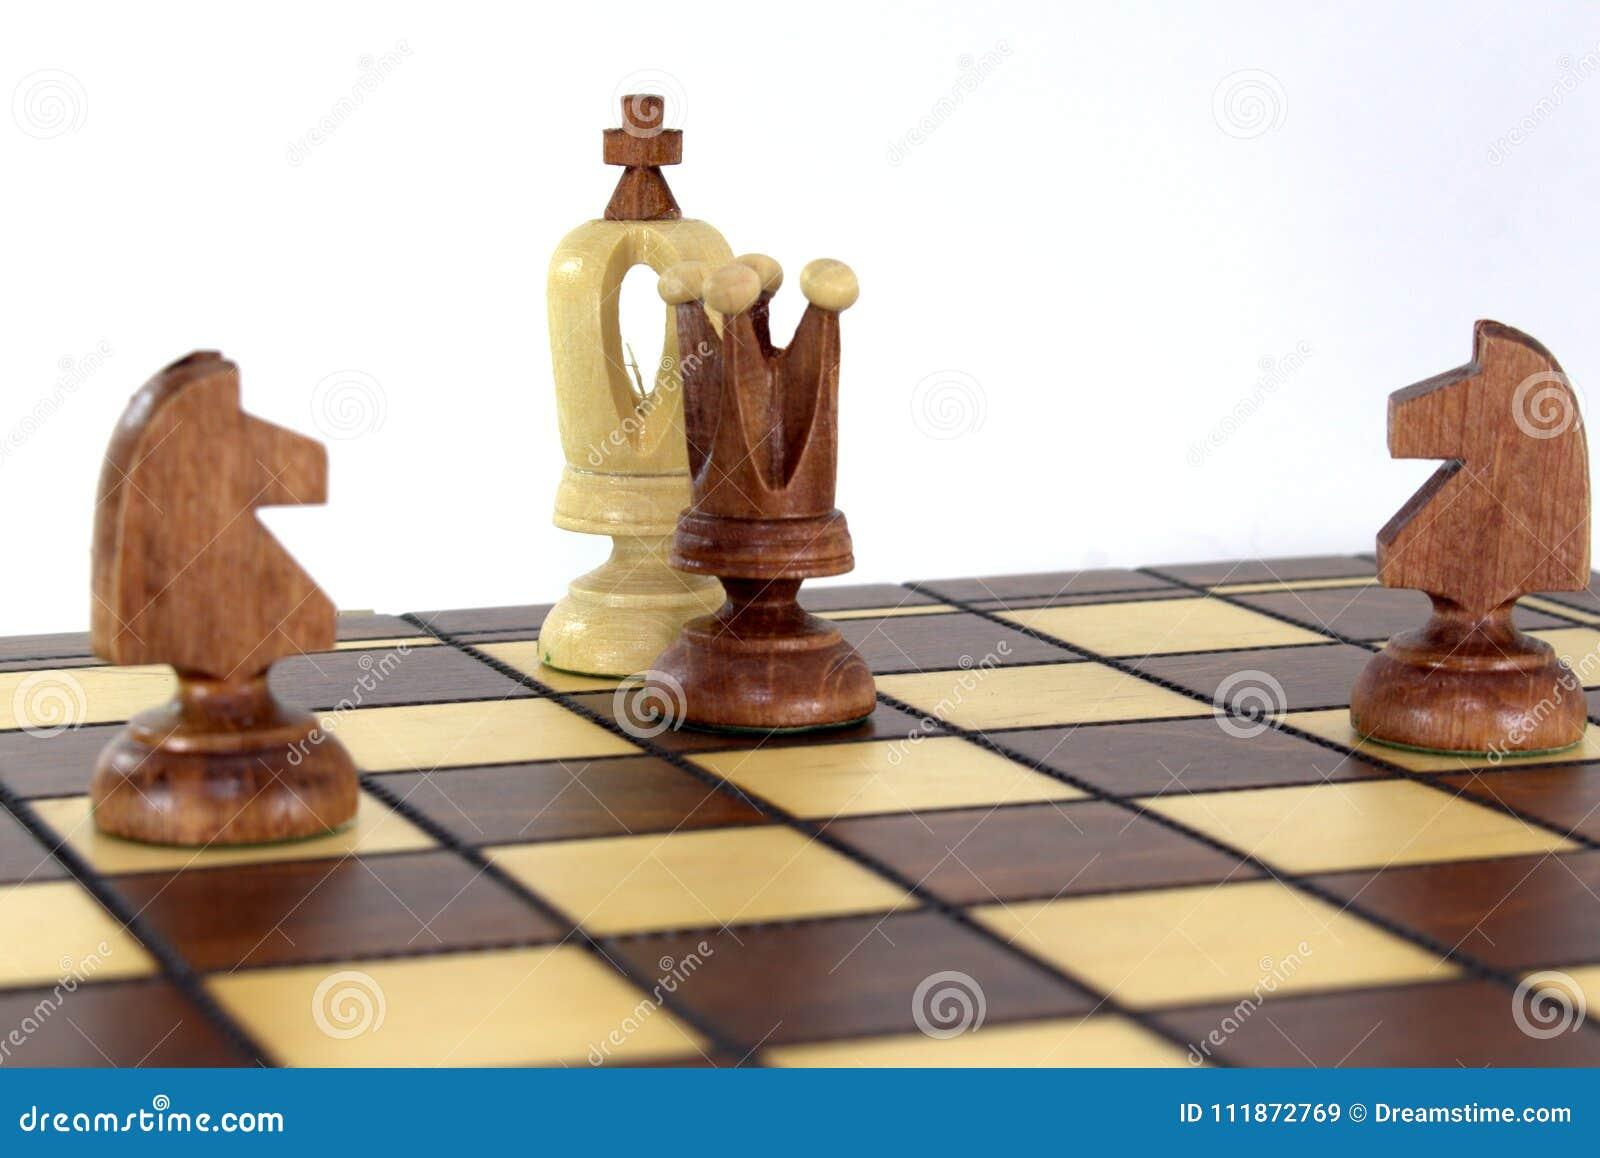 No tabuleiro de xadrez, a rainha e dois cavalos anunciaram uma verificação e uma esteira ao rei branco